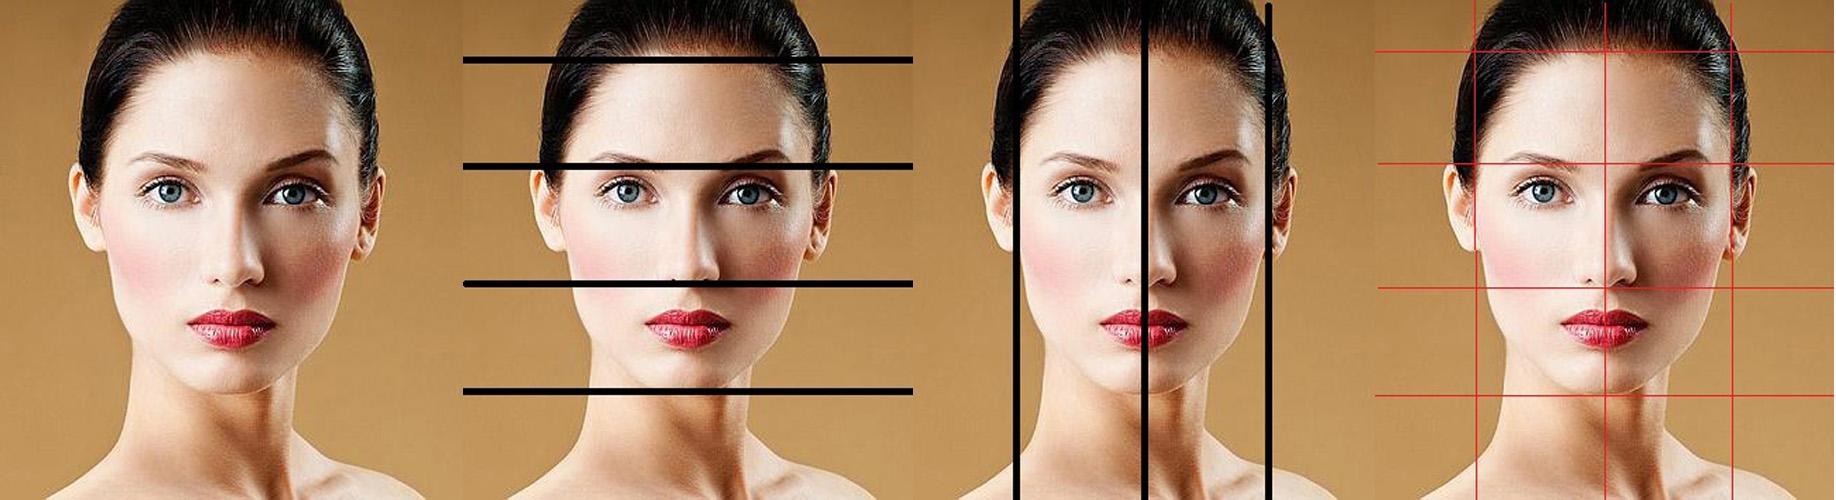 Líneas que dibujan el rostro